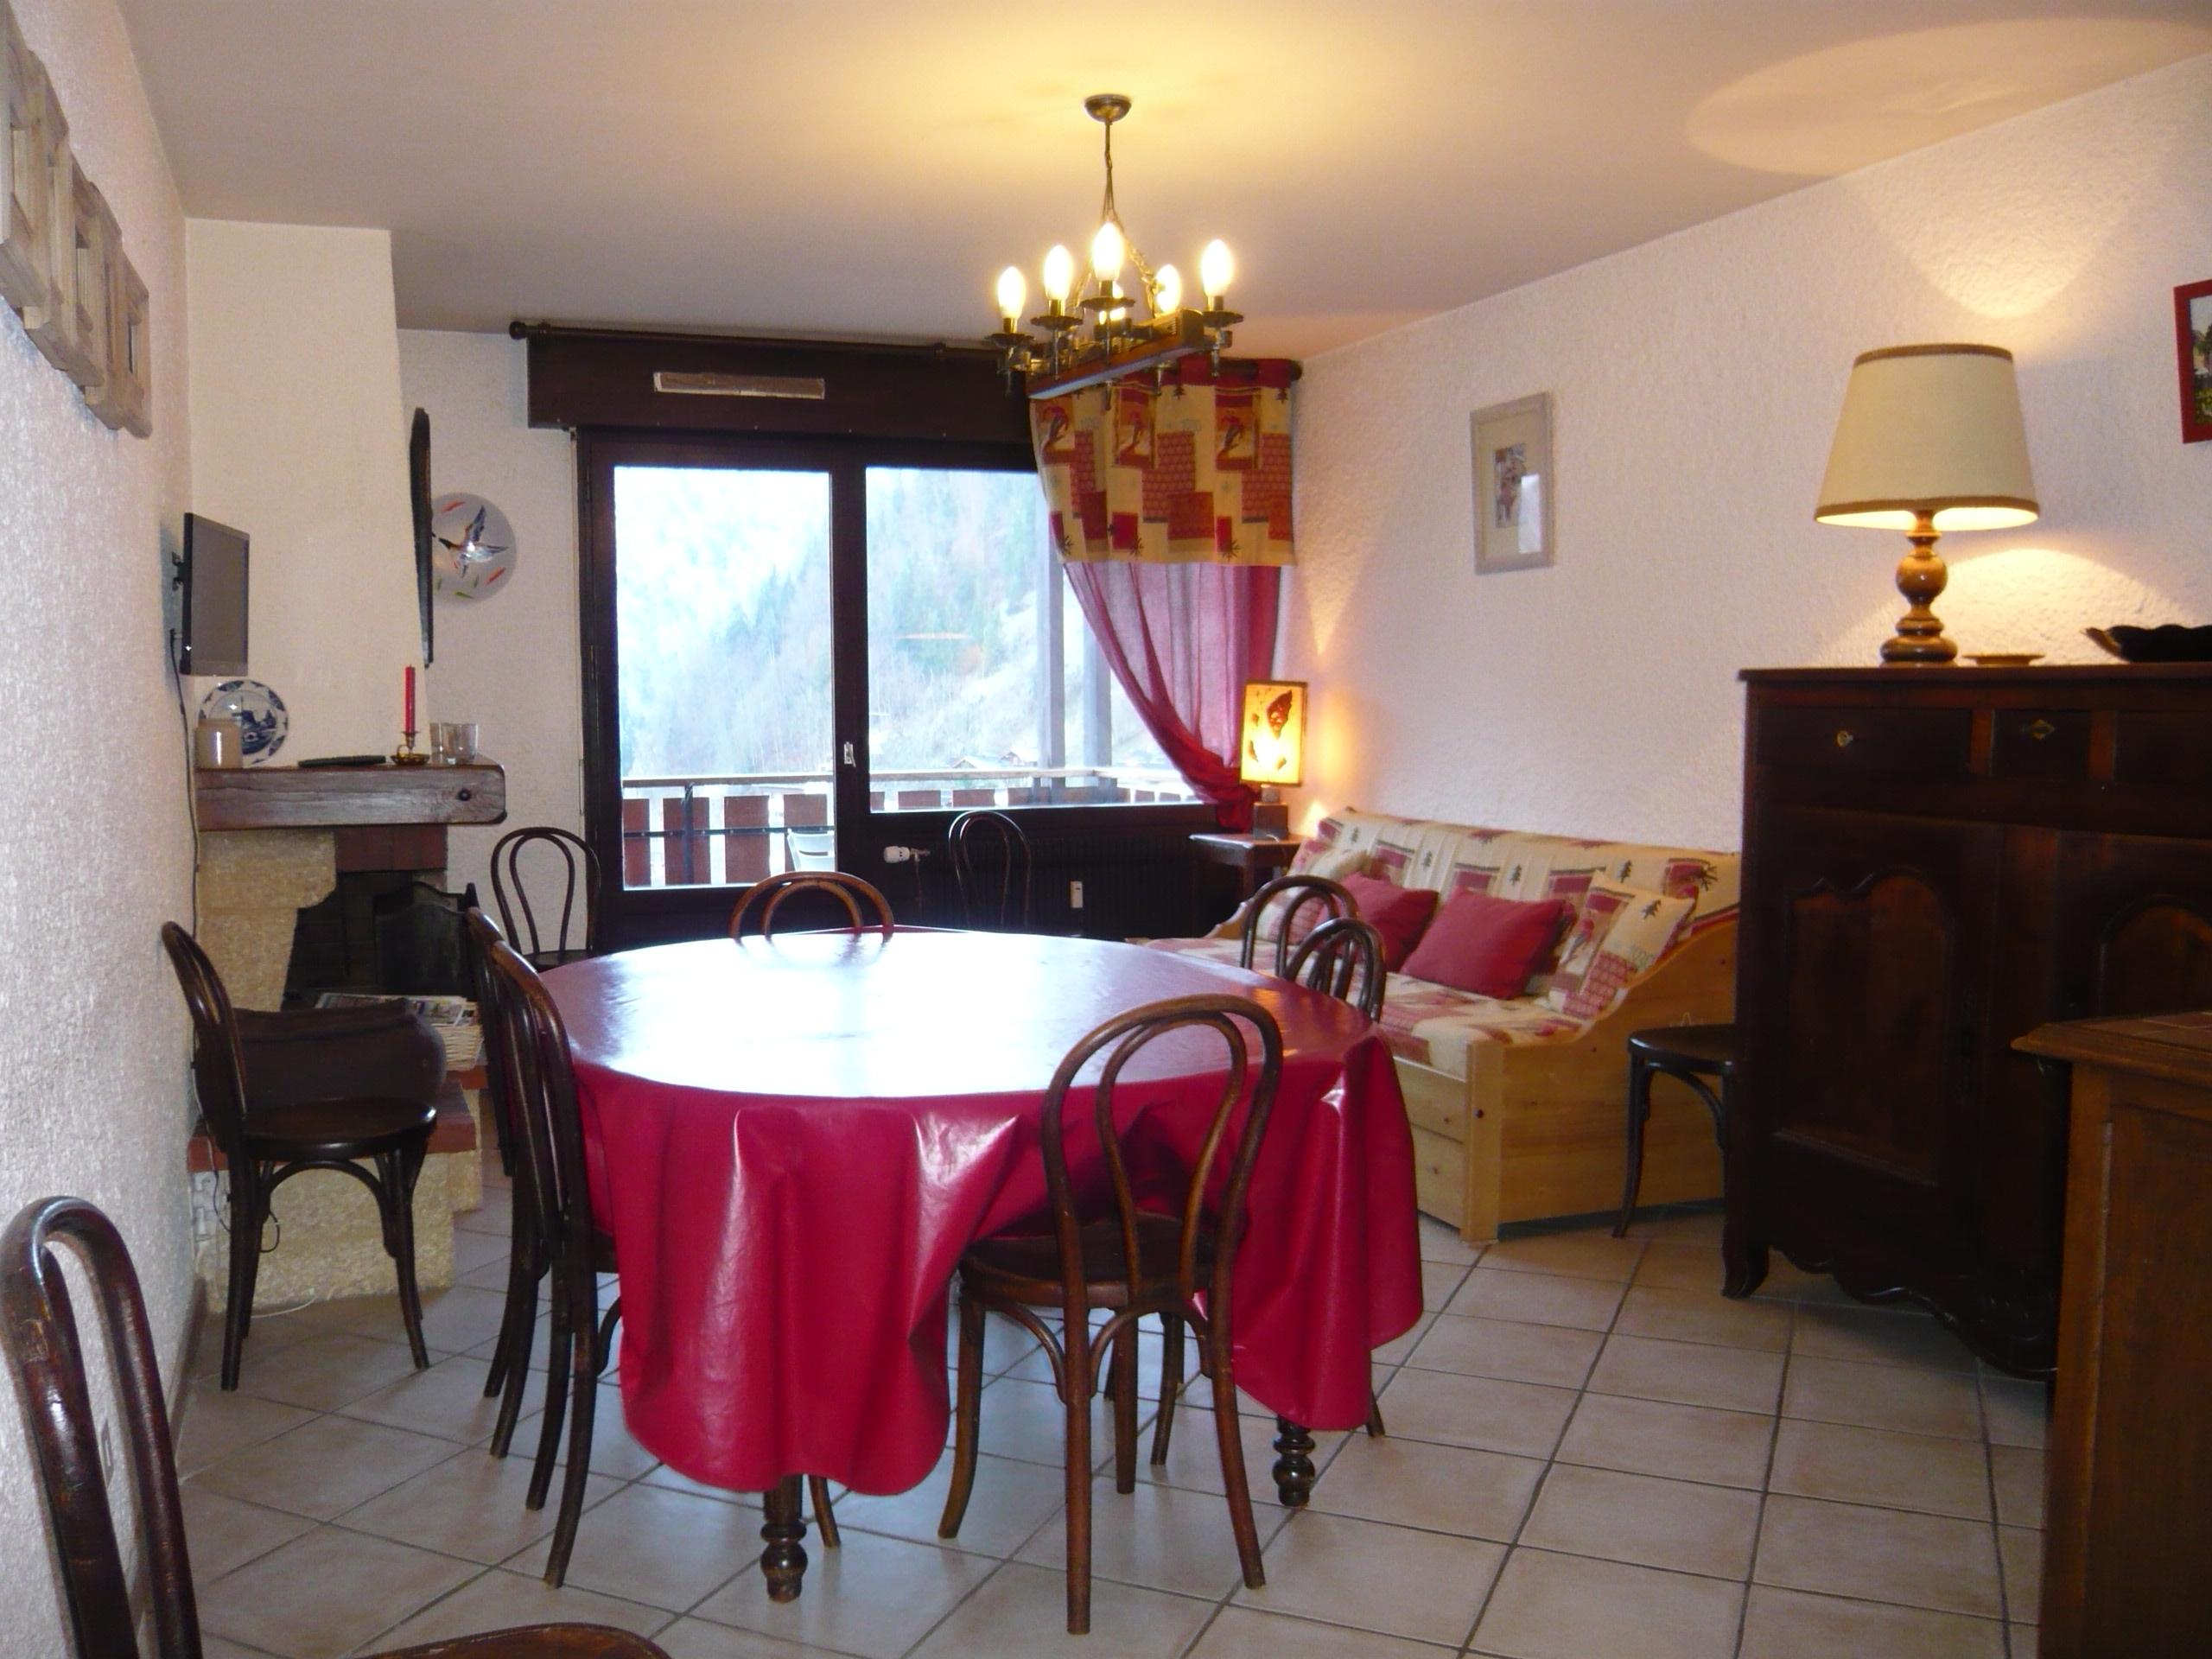 appartement dans r sidence 4 pi ces capacit maximum 10 personnes enfants compris 10. Black Bedroom Furniture Sets. Home Design Ideas